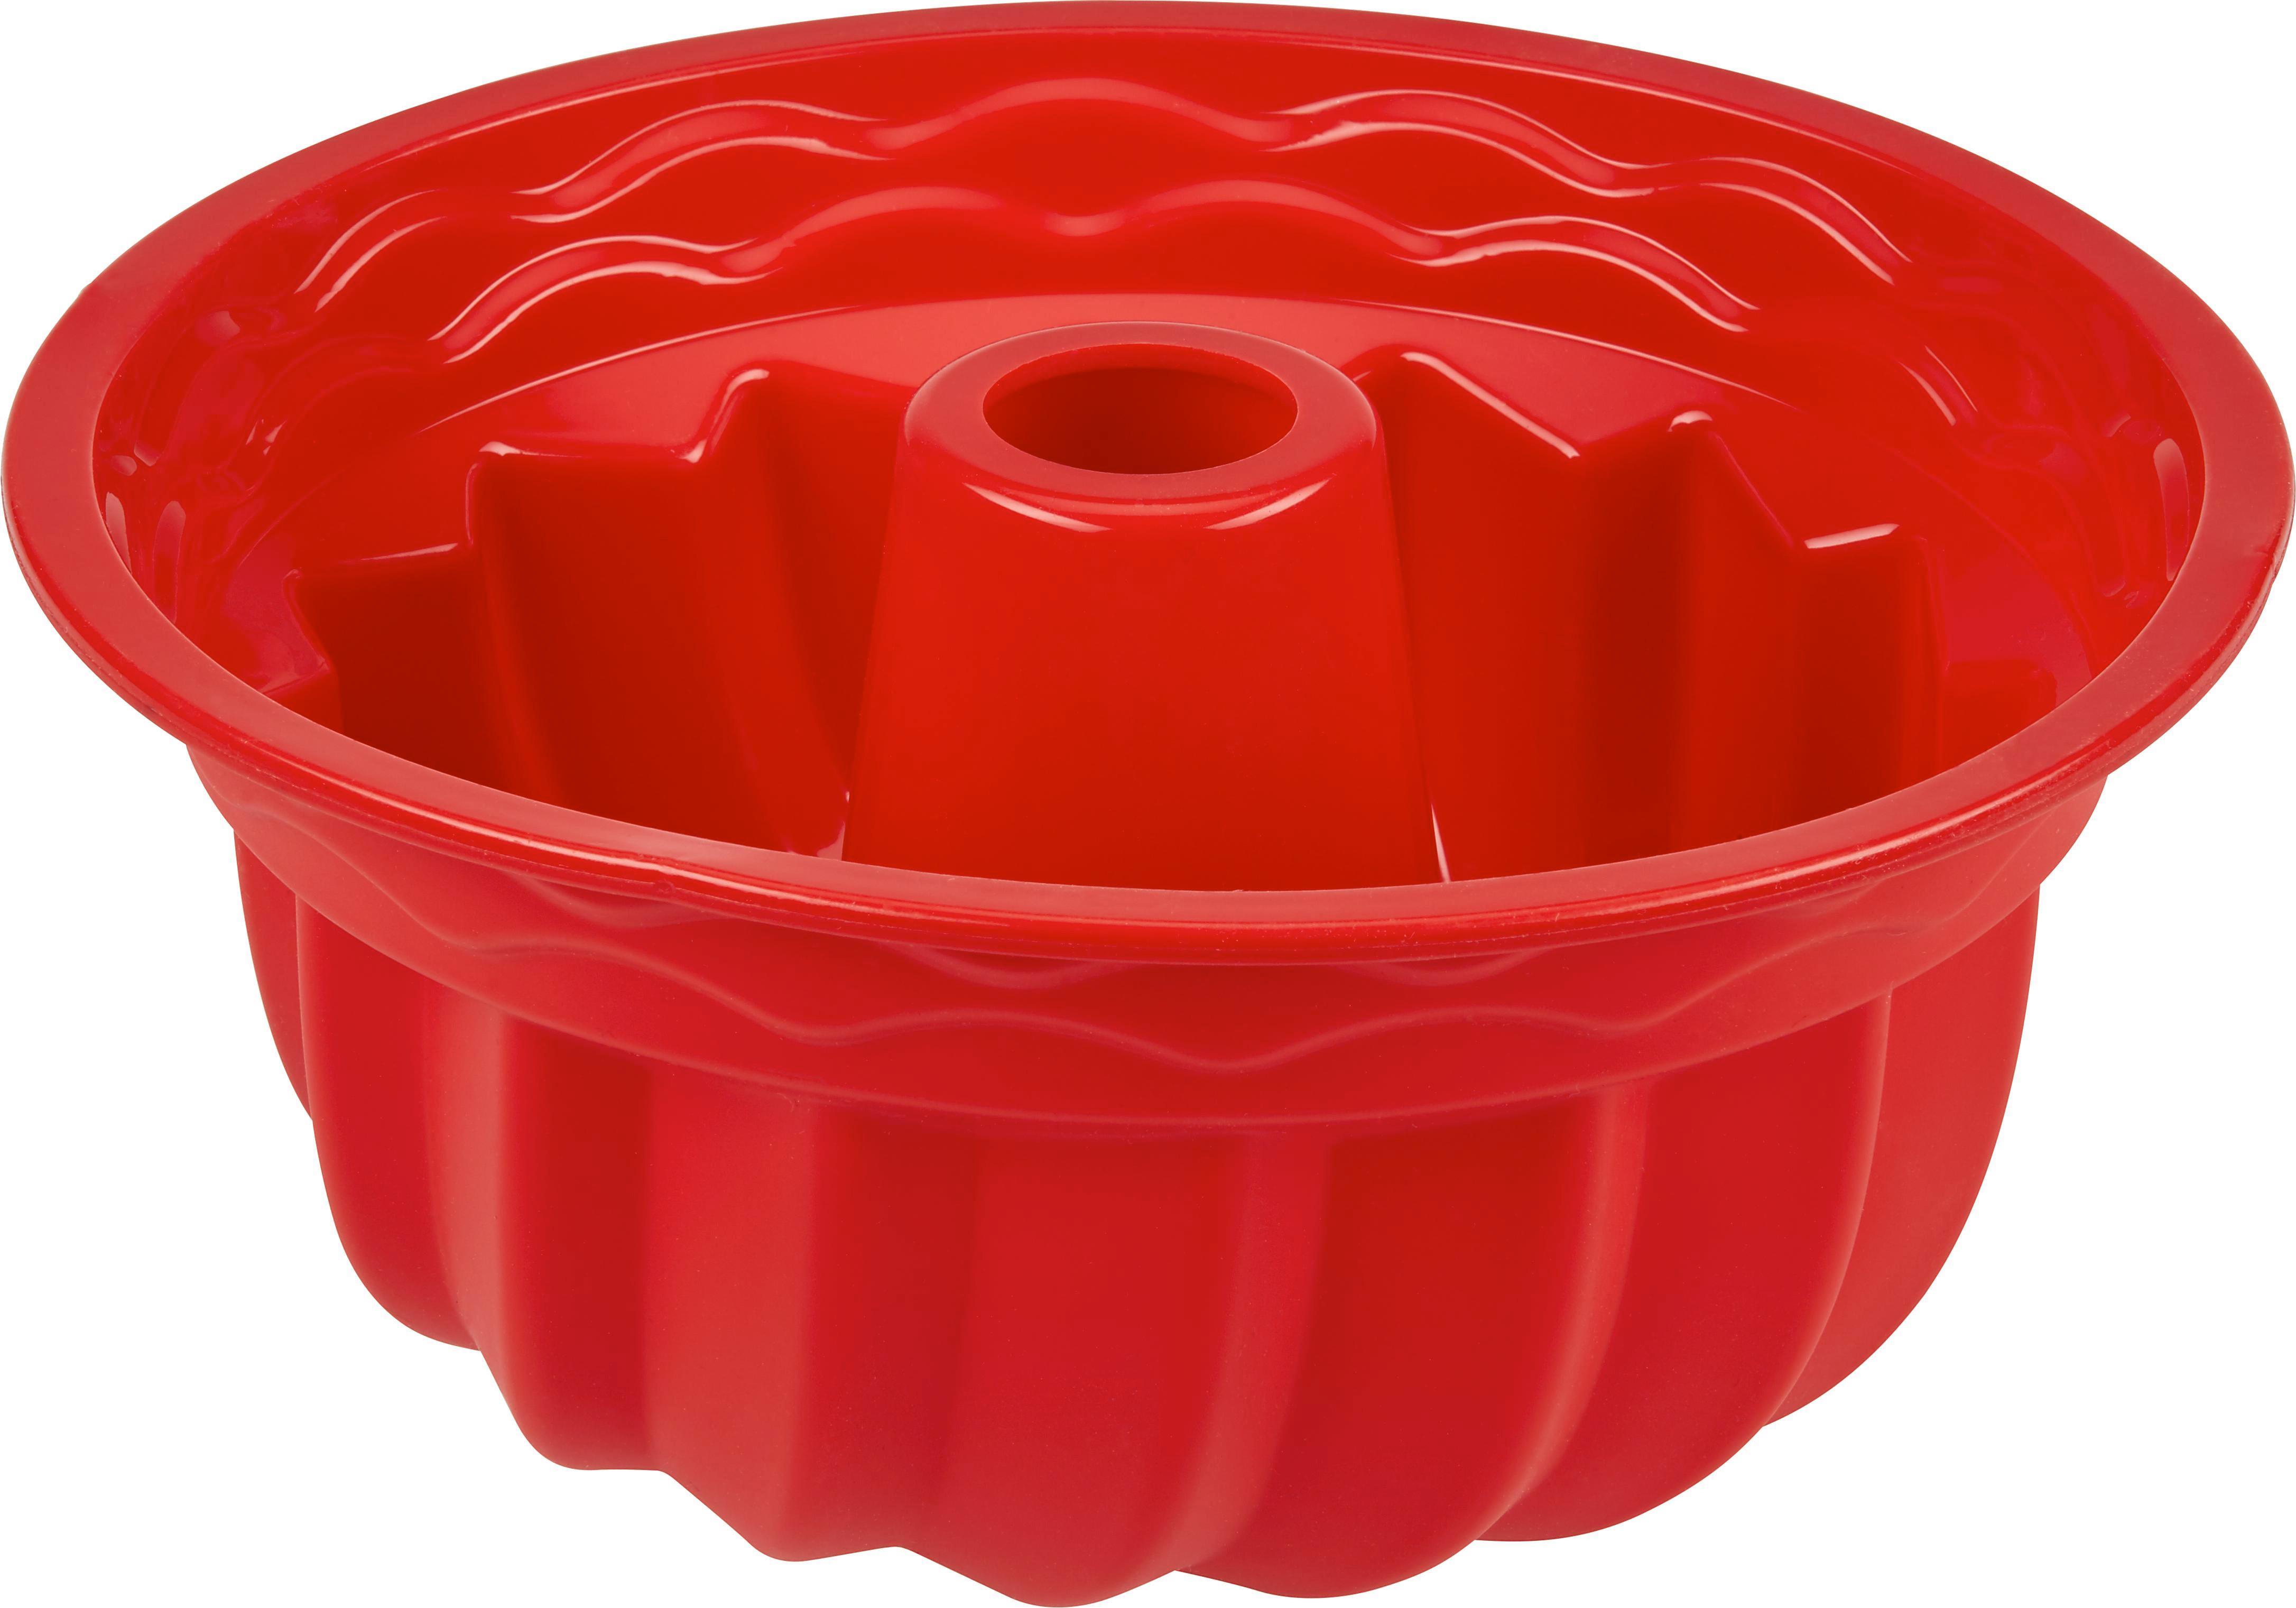 Gugelhupfform Silke in Rot aus Silikon - Rot, Kunststoff (23,5/10cm) - MÖMAX modern living